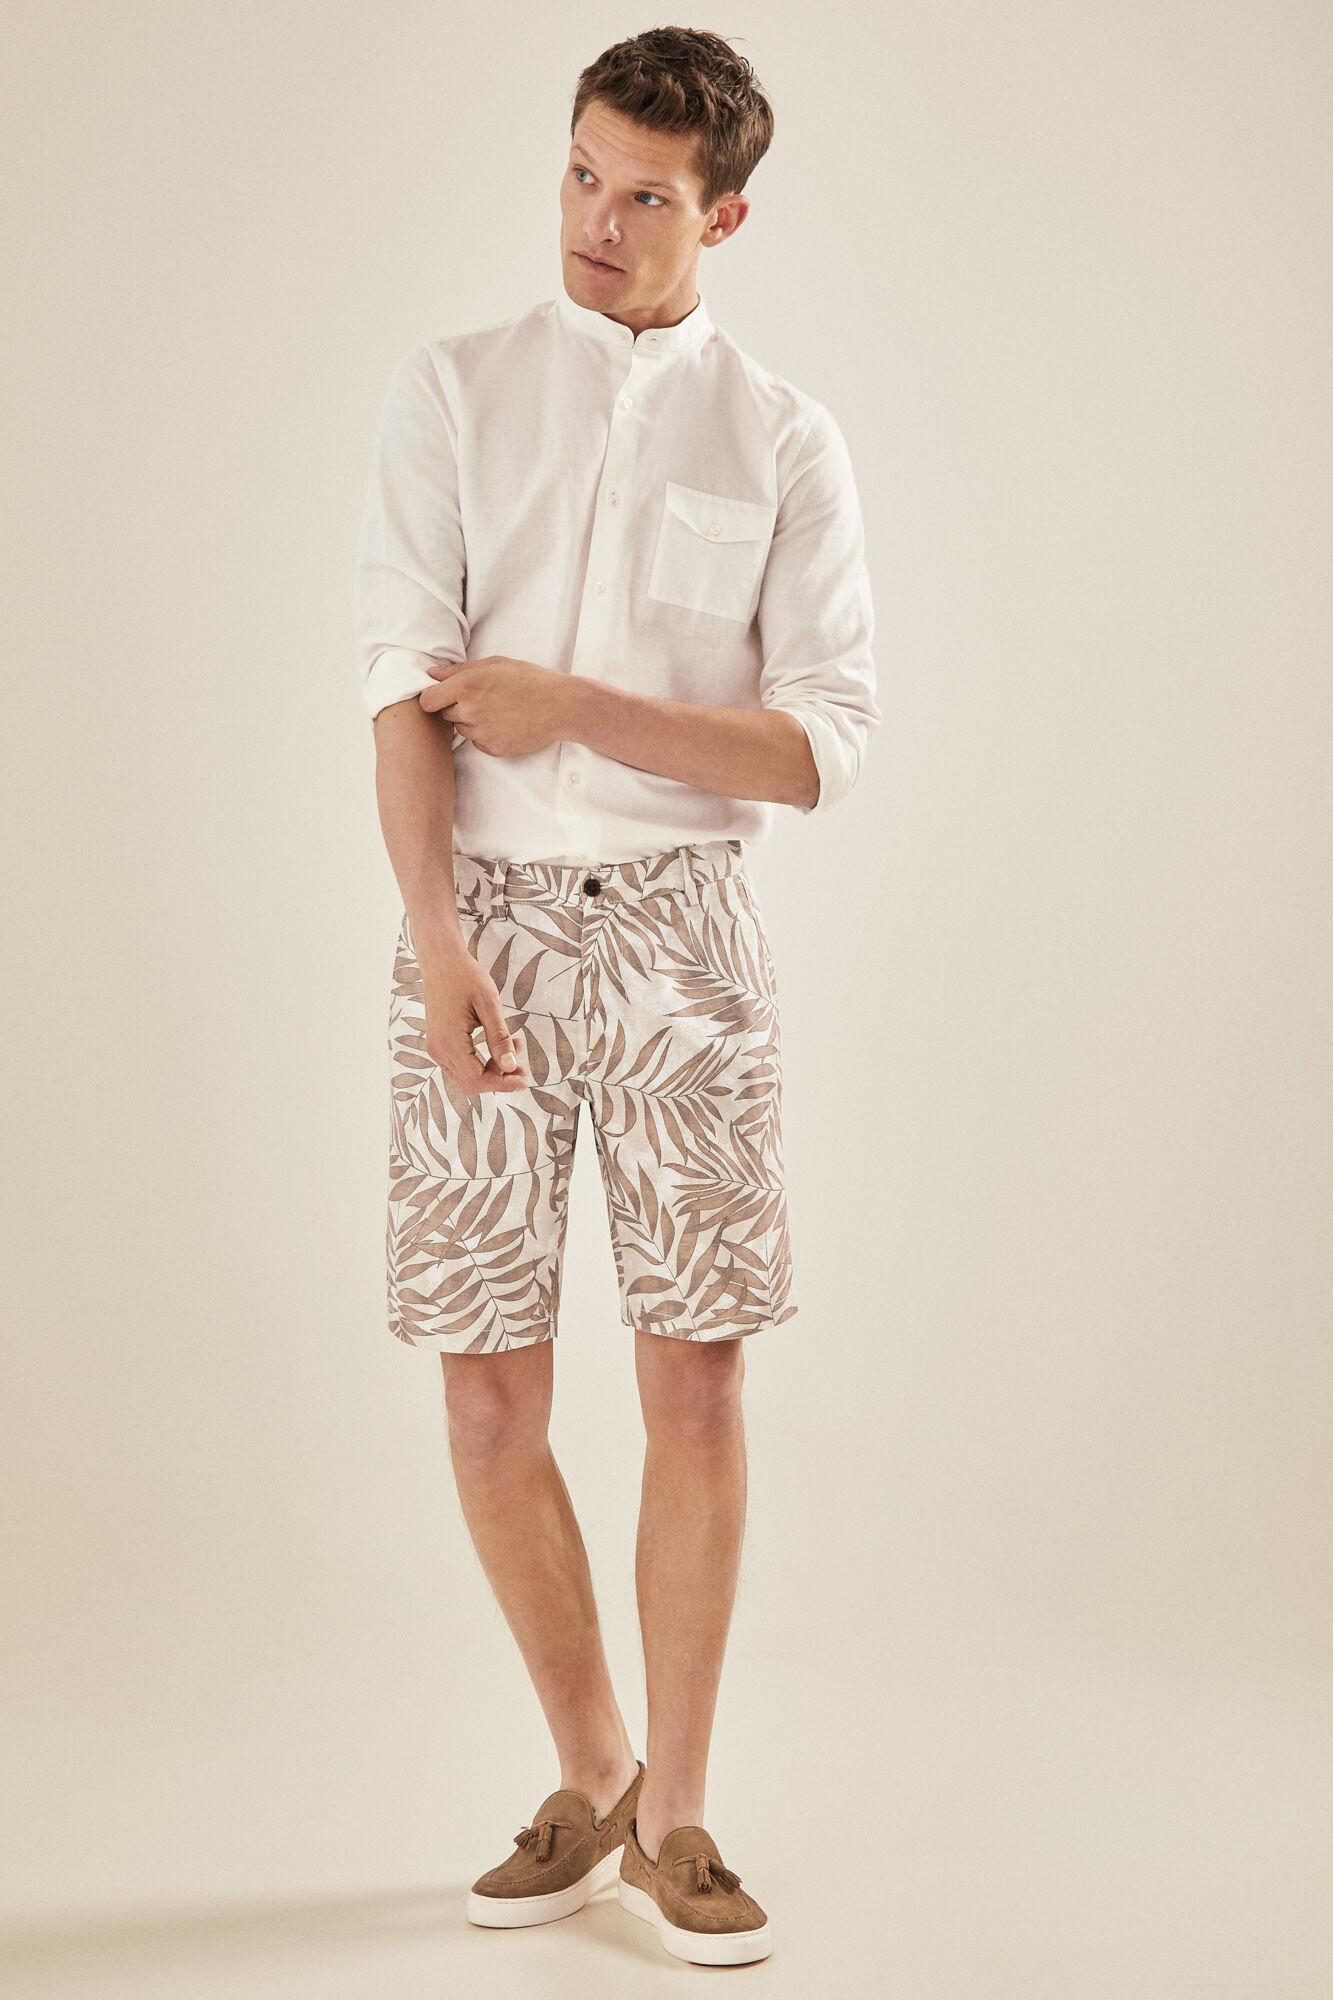 616724e8ea Printed Bermuda shorts